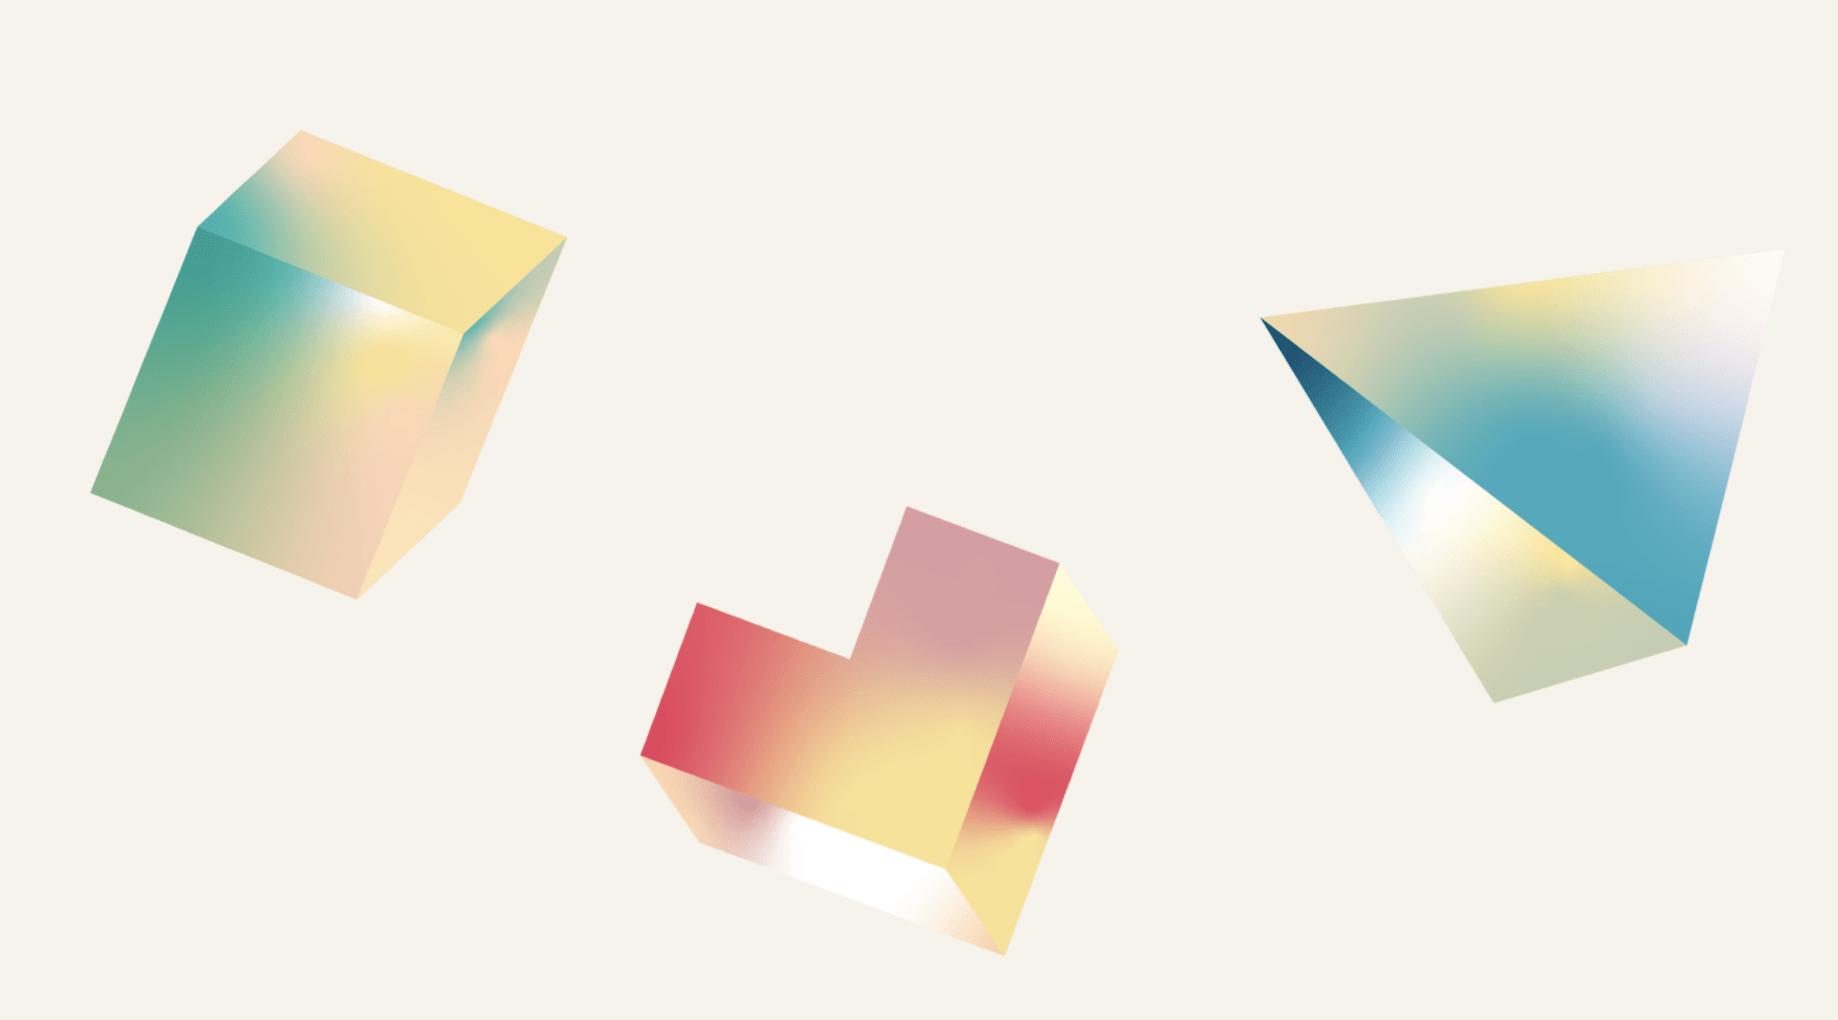 Blocchi da costruzione nel colore e nella forma di un arcobaleno, che rappresentano quanto sia raro e speciale diventare una startup di successo